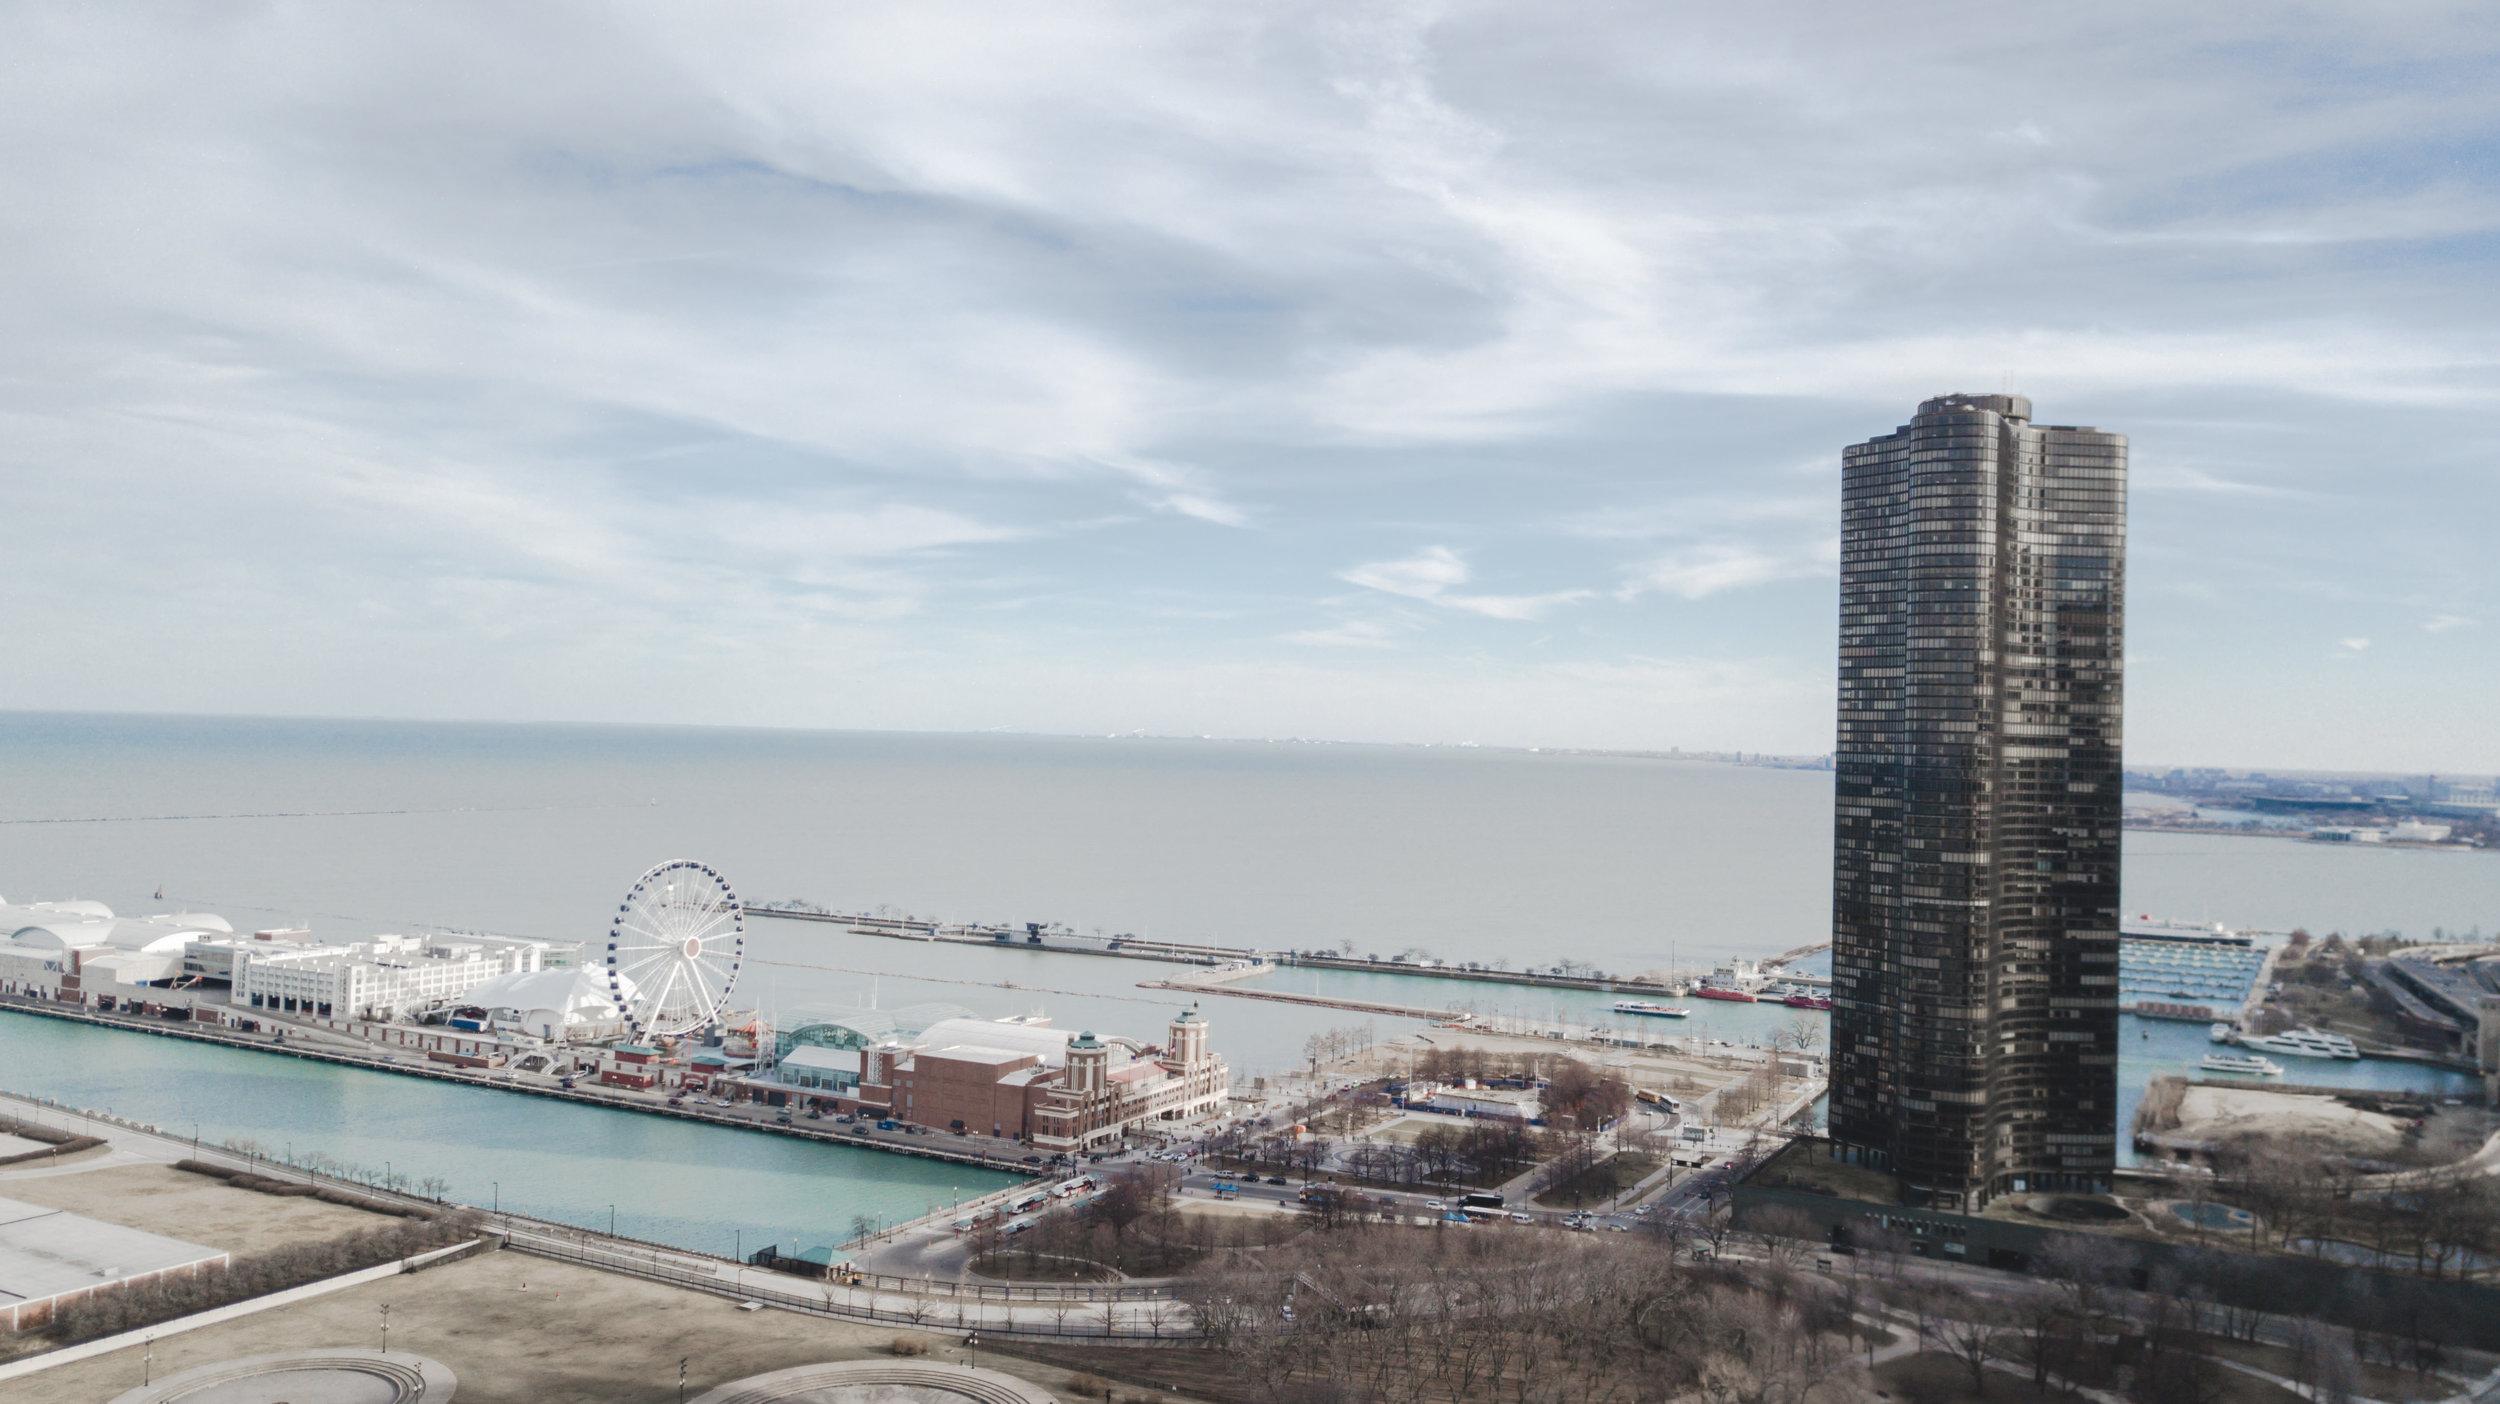 Looking over Navy Pier.